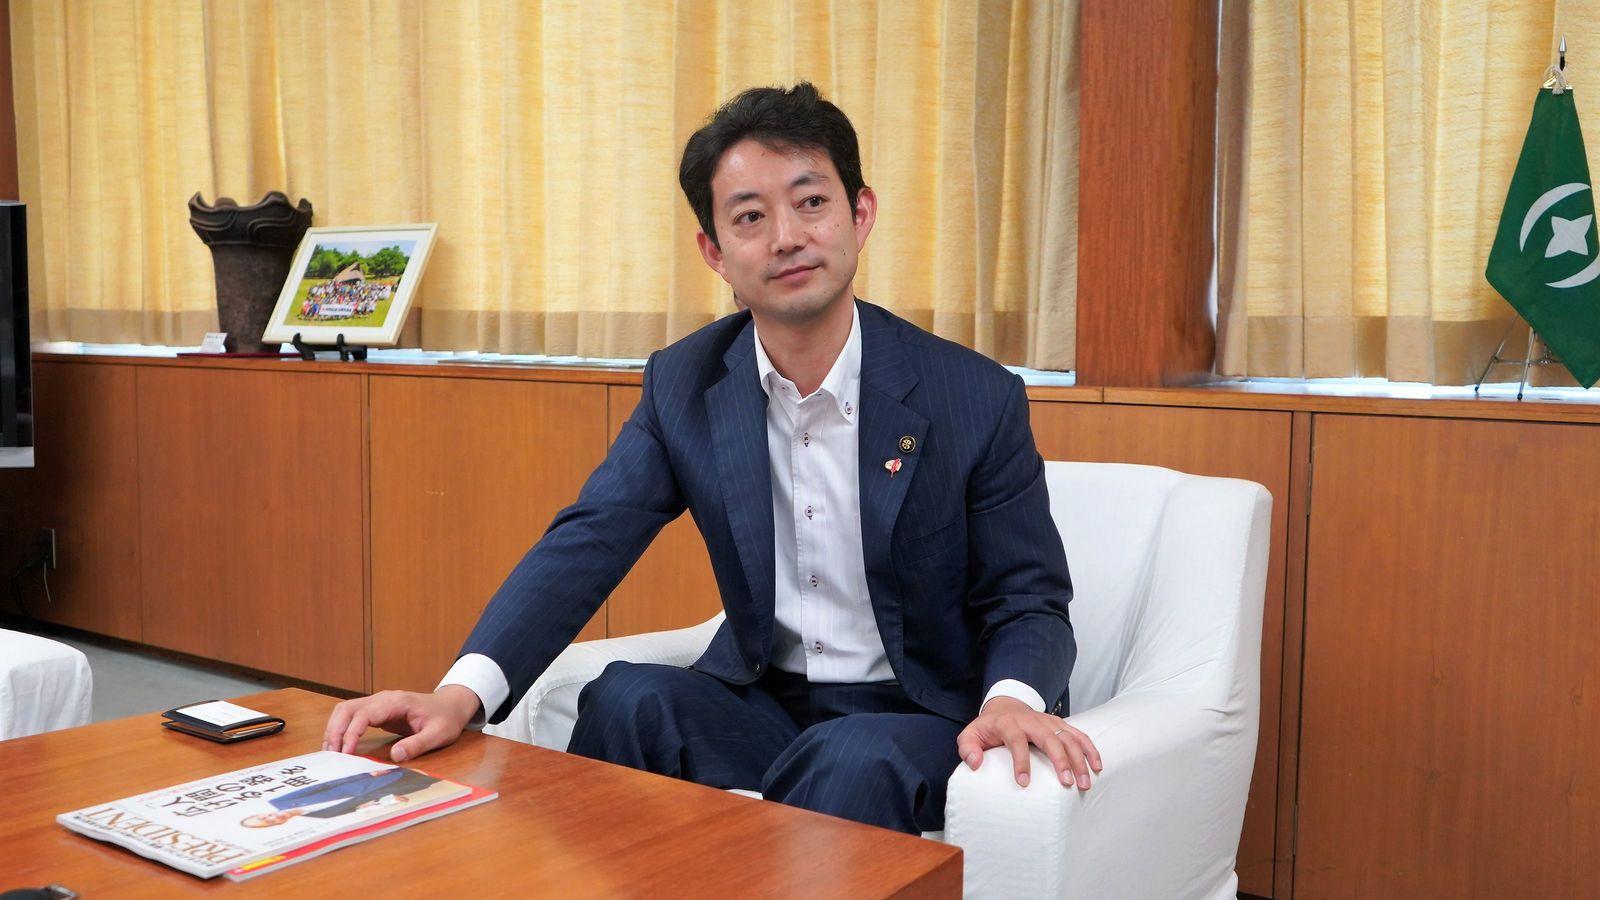 千葉市長が「悪意ある台風報道」に激怒するワケ 形式論で足を引っ張るマスコミの罪